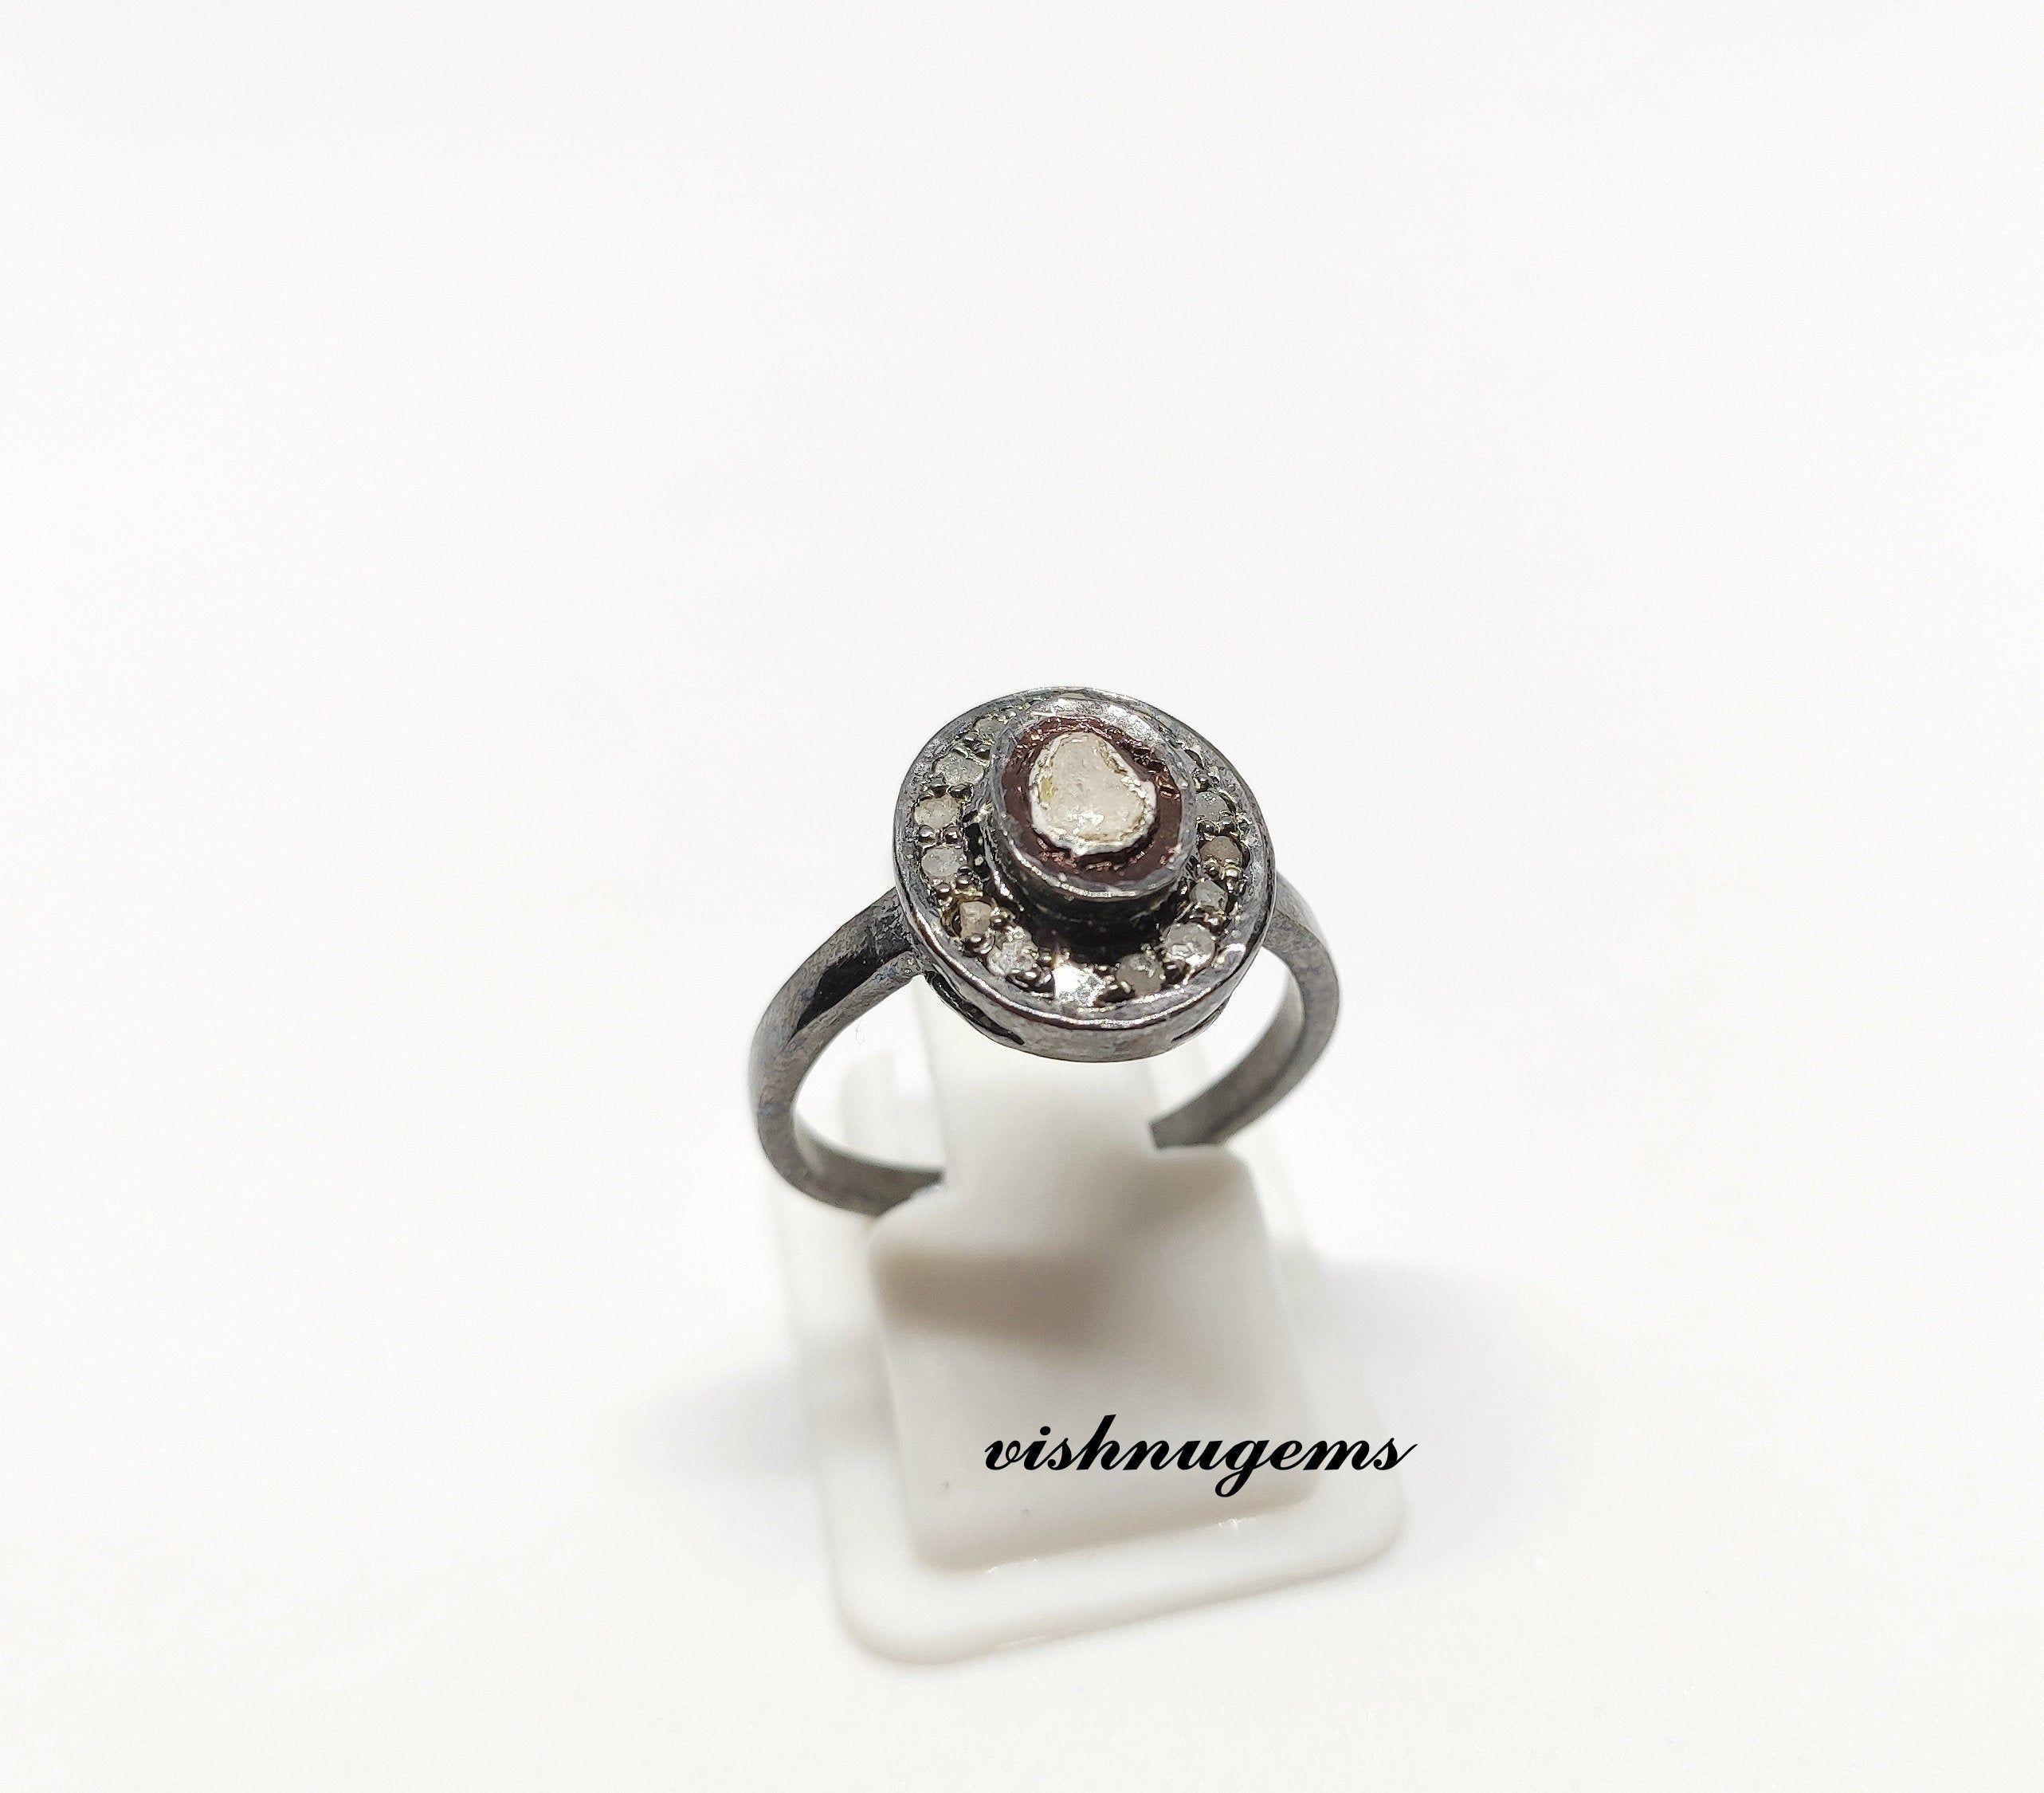 Polki Diamond 925 Silver Ring Beautiful Handmade Polki Ring Victorian Ring Polki Diamond Ring For Woman Polki Christmas Ring Silver Jewelry